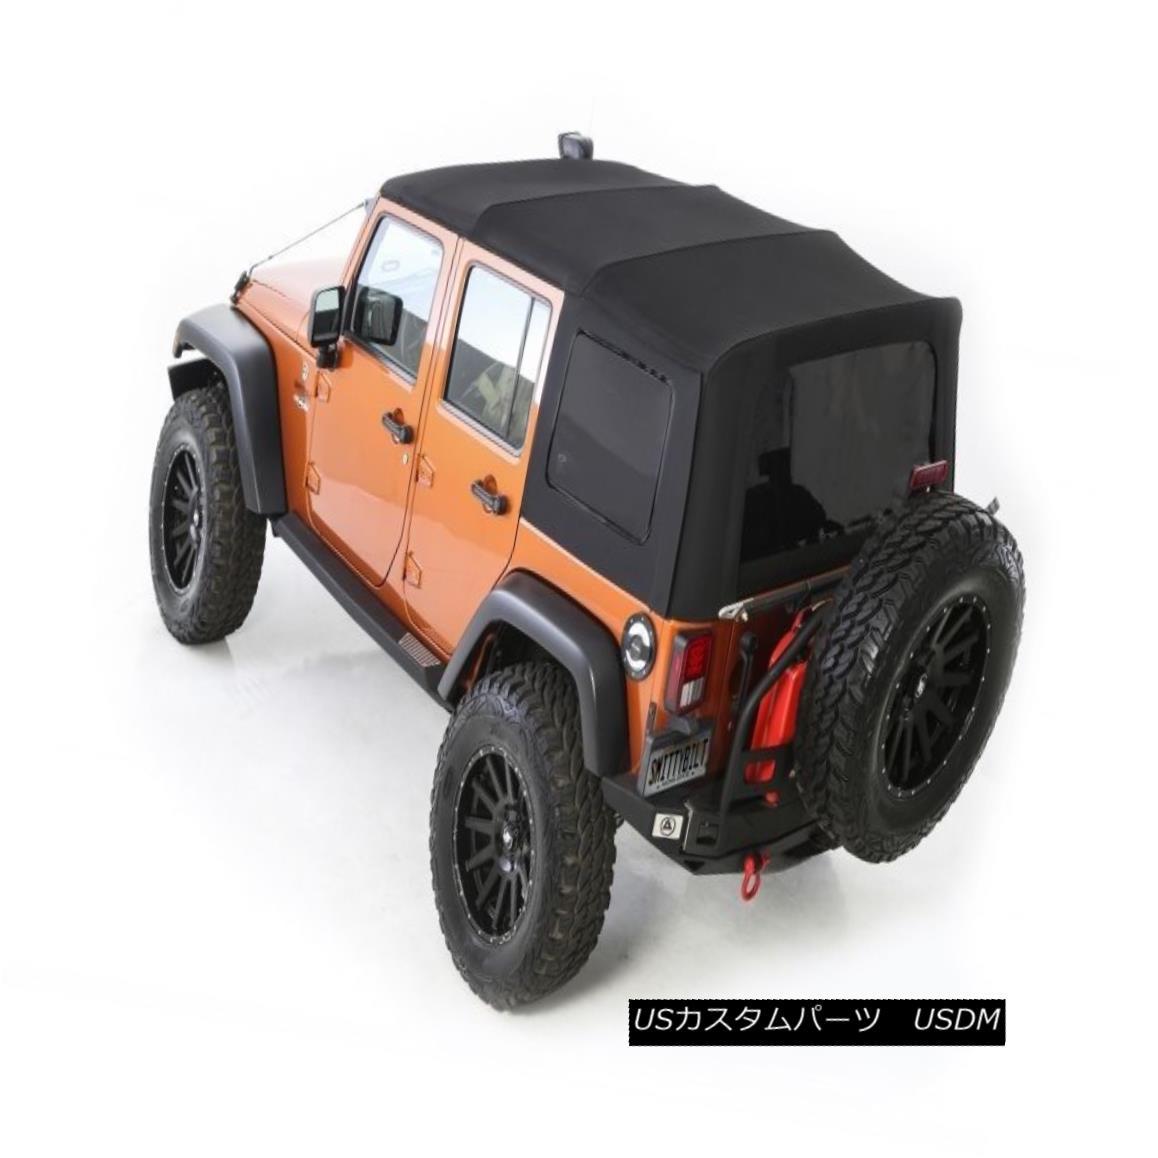 幌・ソフトトップ 2007-2009 Jeep Wrangler Unlimited Premium Replacement Soft Top & Tinted Windows 2007-2009ジープラングラー無制限プレミアム交換ソフトトップ& 色づけされたウィンドウ